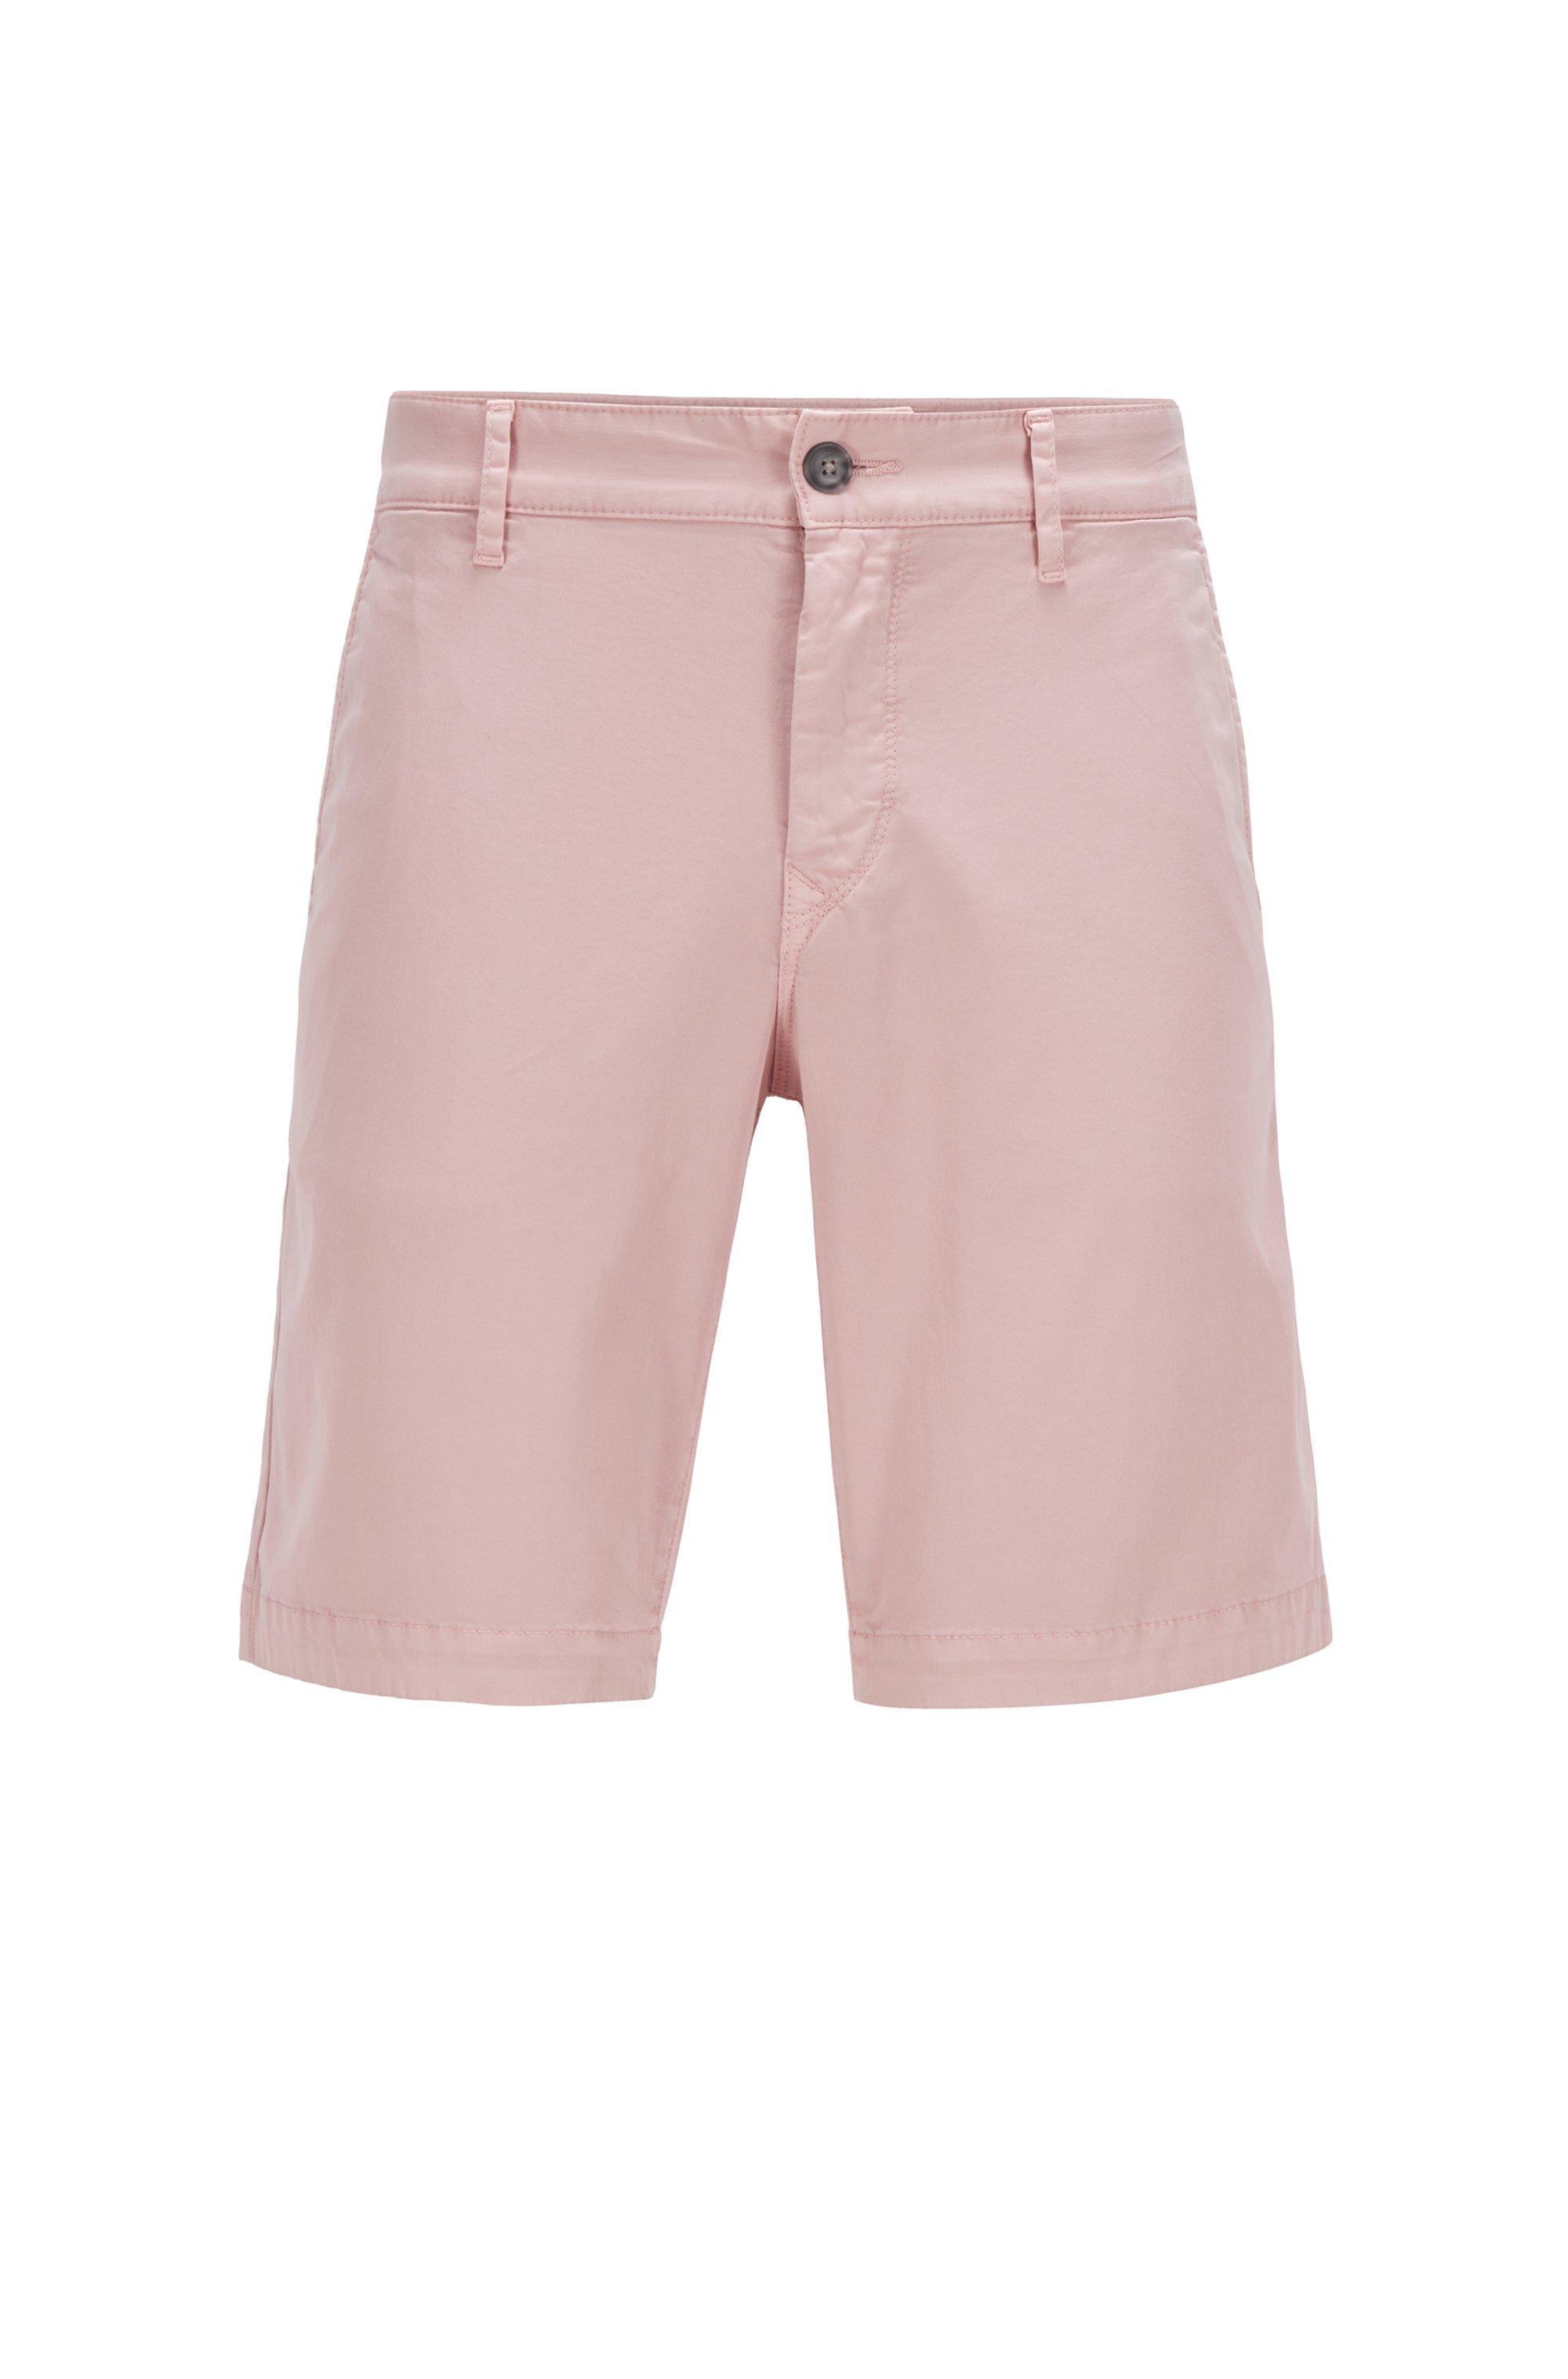 Short Slim Fit en twill de coton stretch, Rose clair